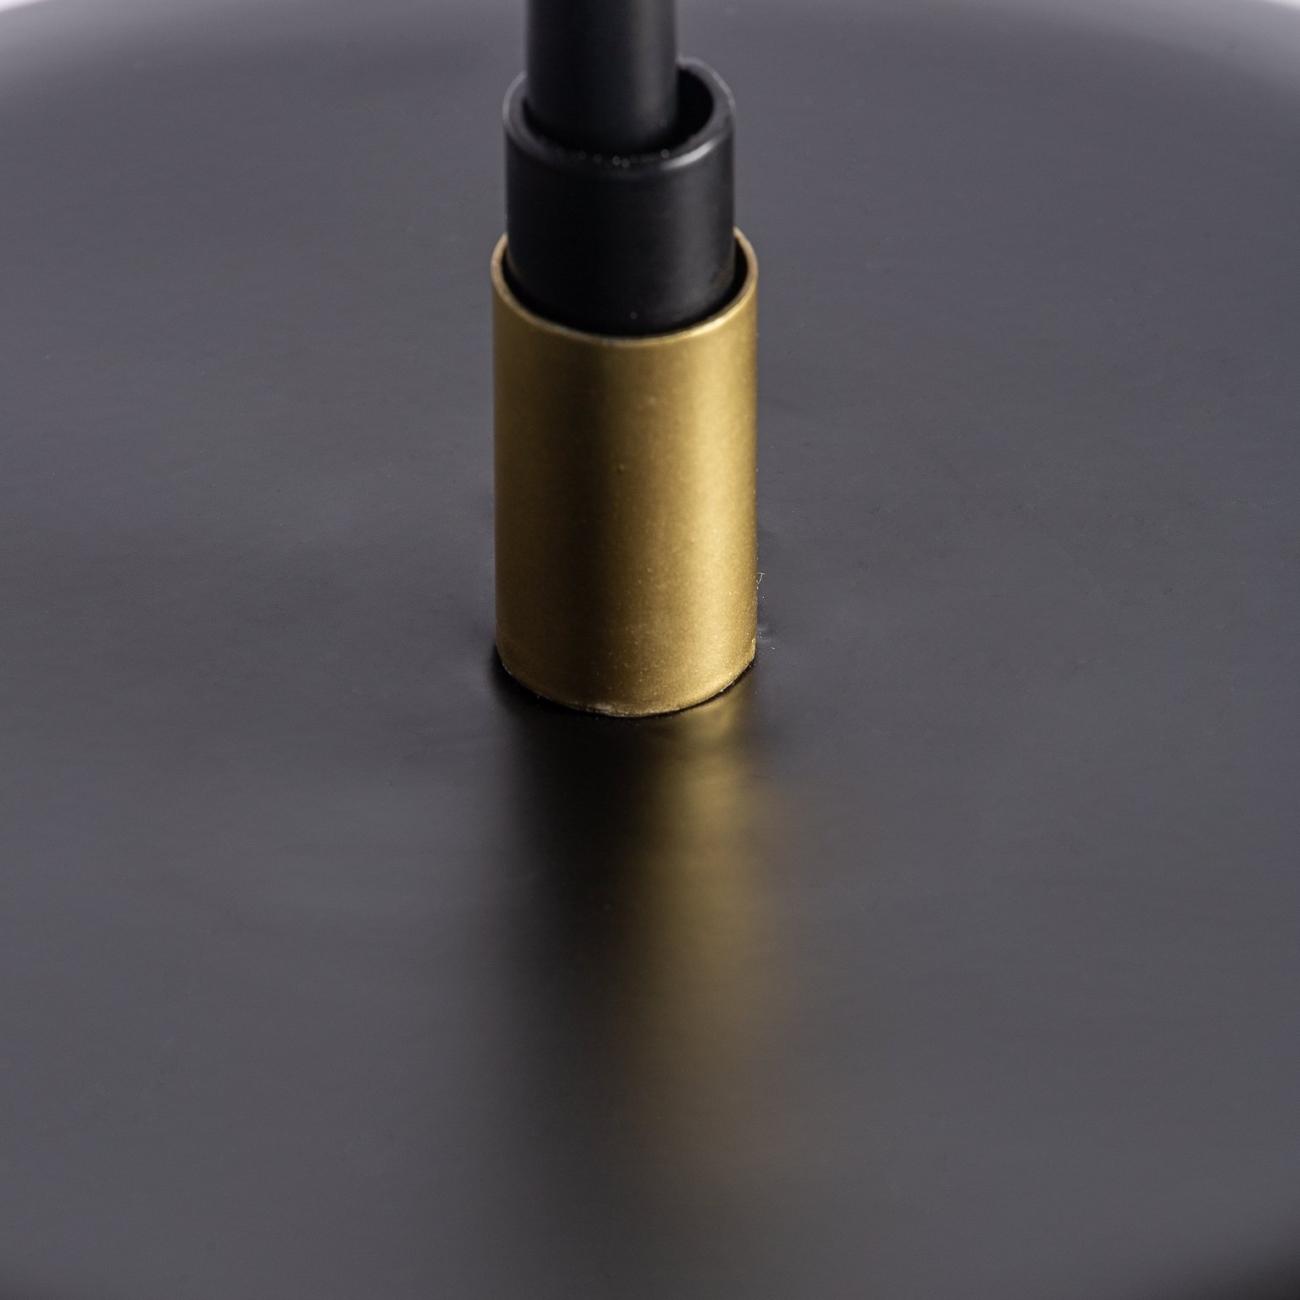 Lámpara de sobremesa en color negro/oro de estilo Art Decó de hierro y latón. Detalle